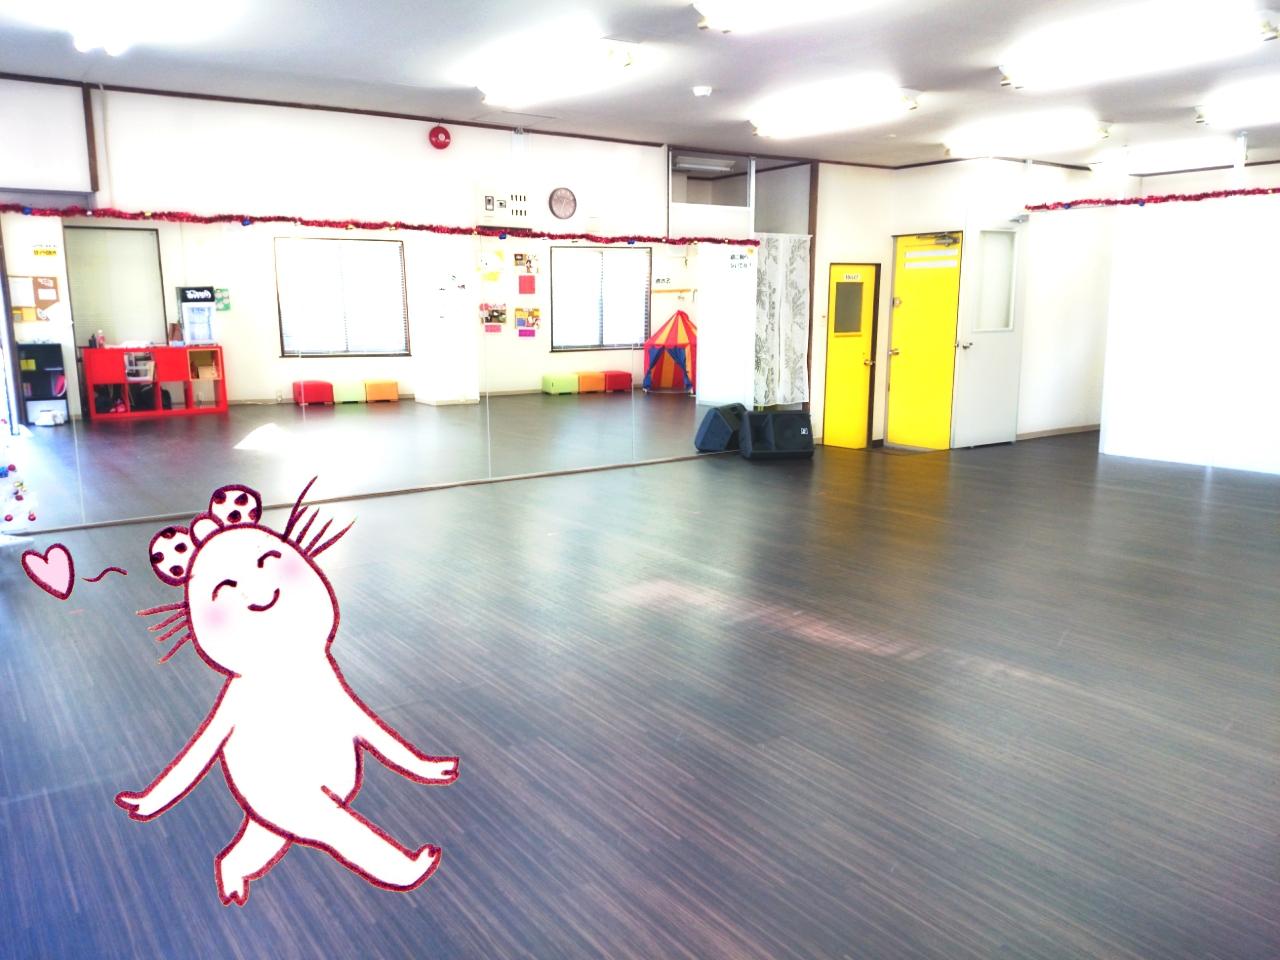 羽村クラス スタジオ